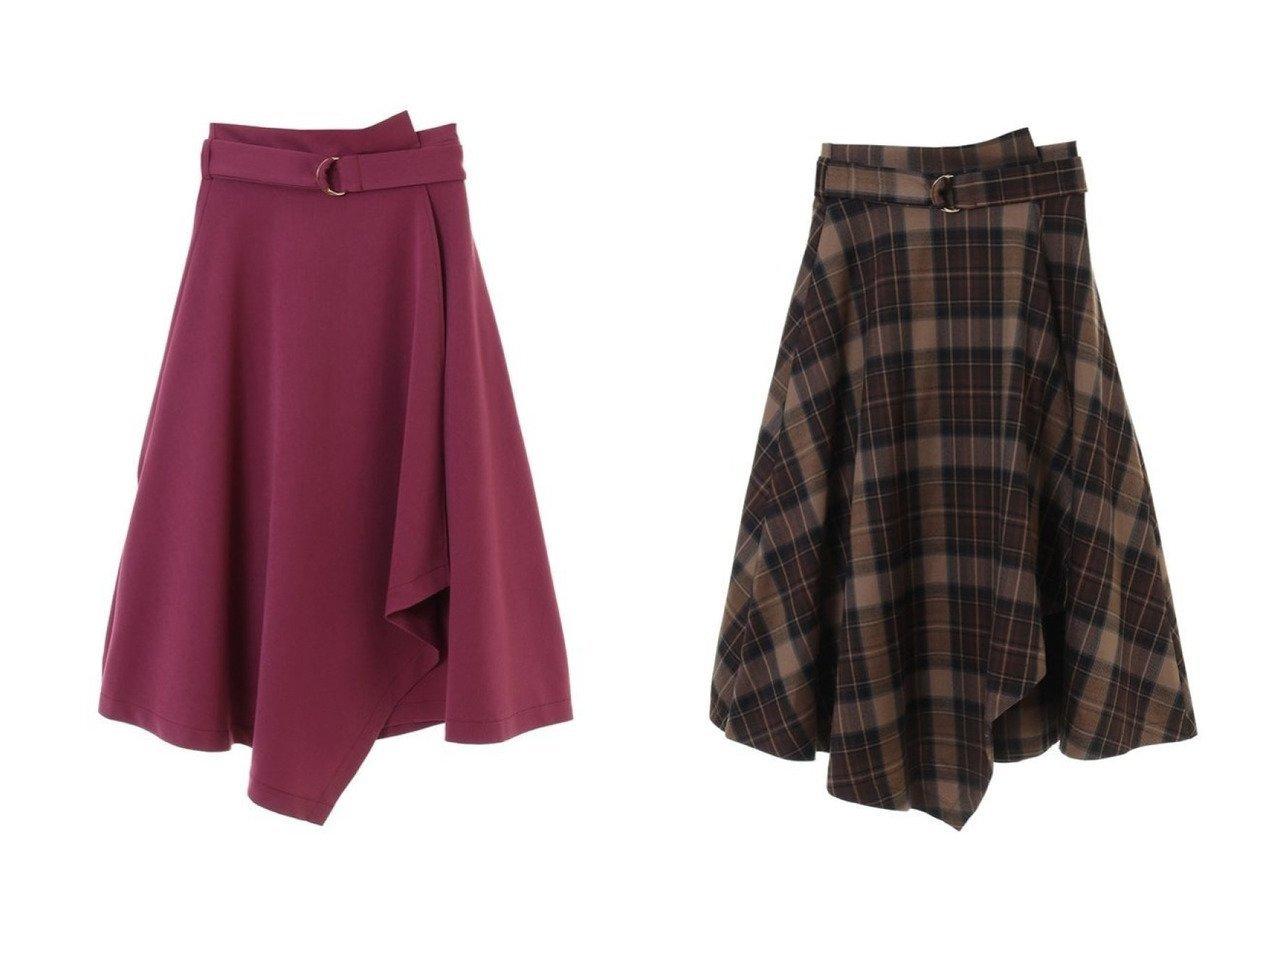 【31 Sons de mode/トランテアン ソン ドゥ モード】のアシメフレアスカート スカートのおすすめ!人気トレンド・レディースファッションの通販 おすすめで人気の流行・トレンド、ファッションの通販商品 メンズファッション・キッズファッション・インテリア・家具・レディースファッション・服の通販 founy(ファニー) https://founy.com/ ファッション Fashion レディースファッション WOMEN スカート Skirt Aライン/フレアスカート Flared A-Line Skirts 冬 Winter フレア |ID:crp329100000008774